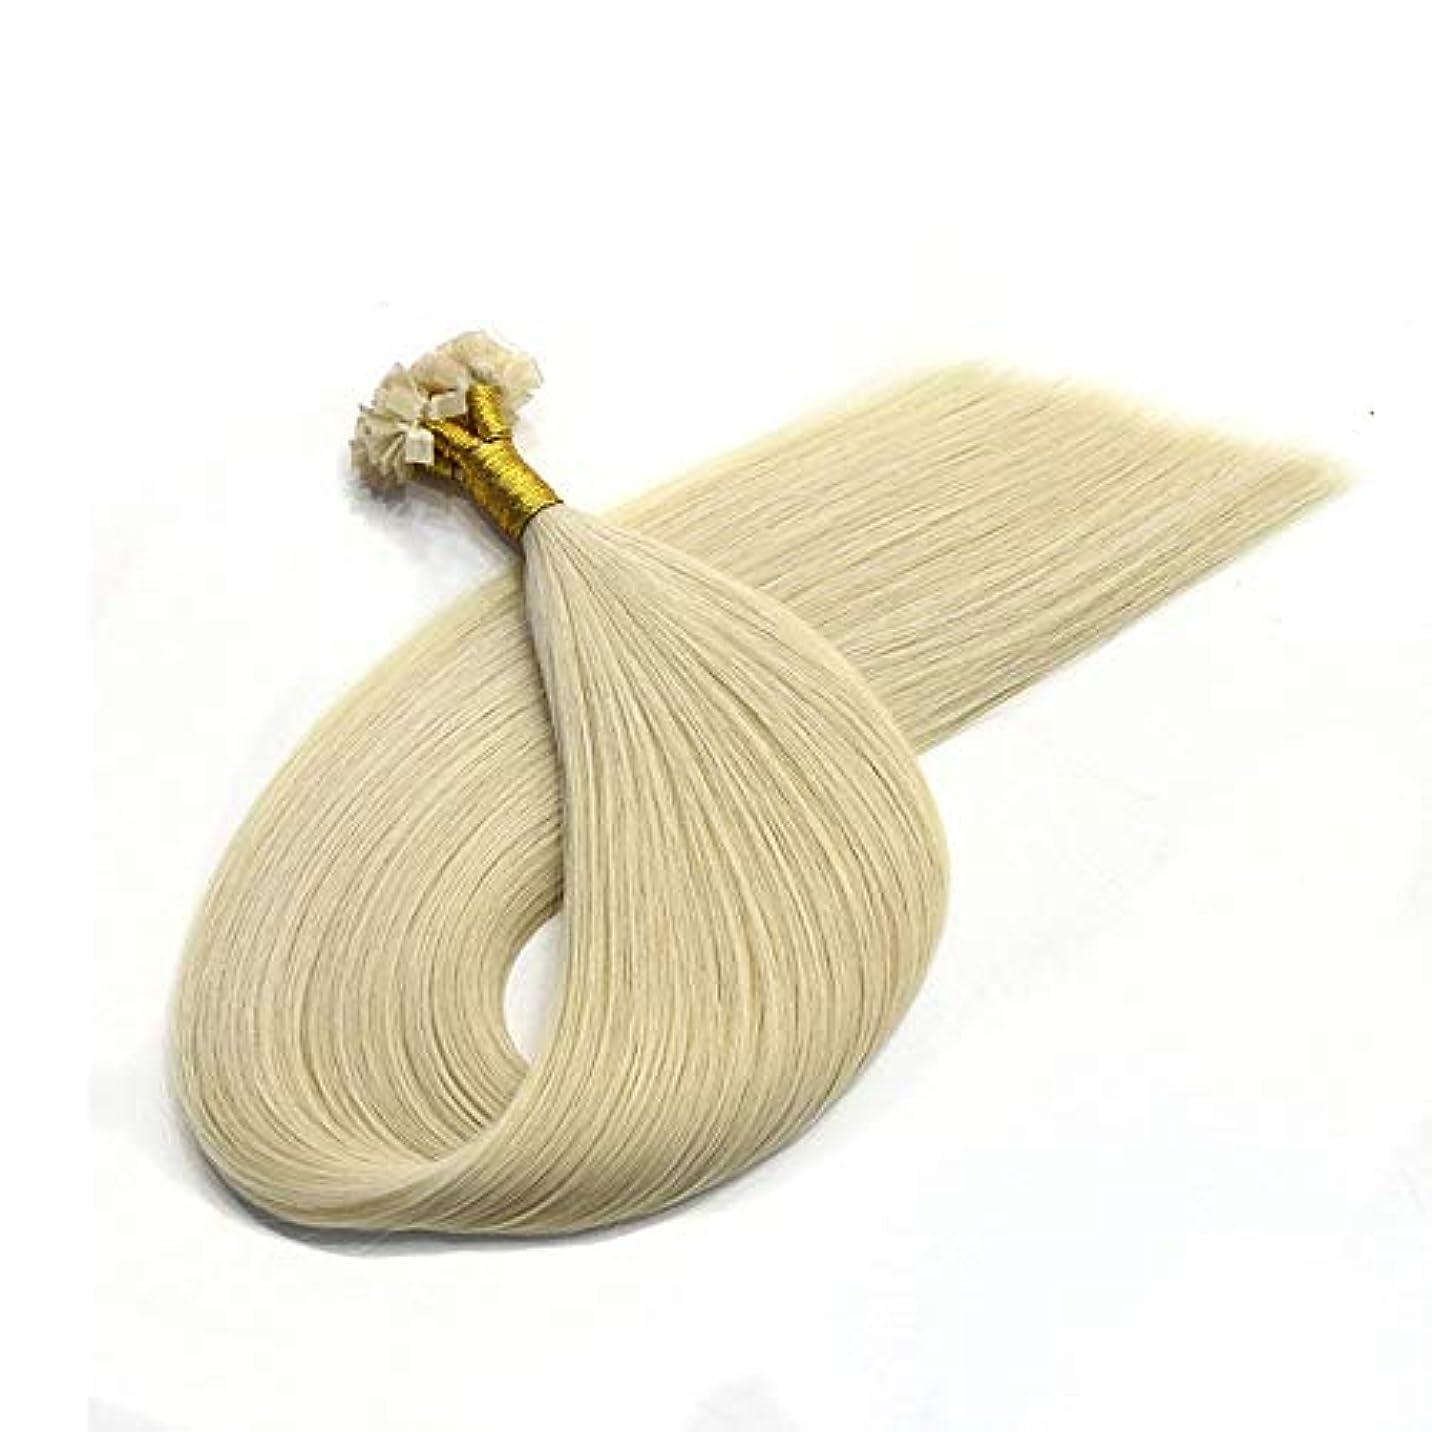 休みファセットスイス人WASAIO ヘアエクステンションクリップUnseamed髪型アッシュブロンドのブラジルレミーナノヒントビーズ100%人間の髪 (色 : Blonde, サイズ : 10 inch)